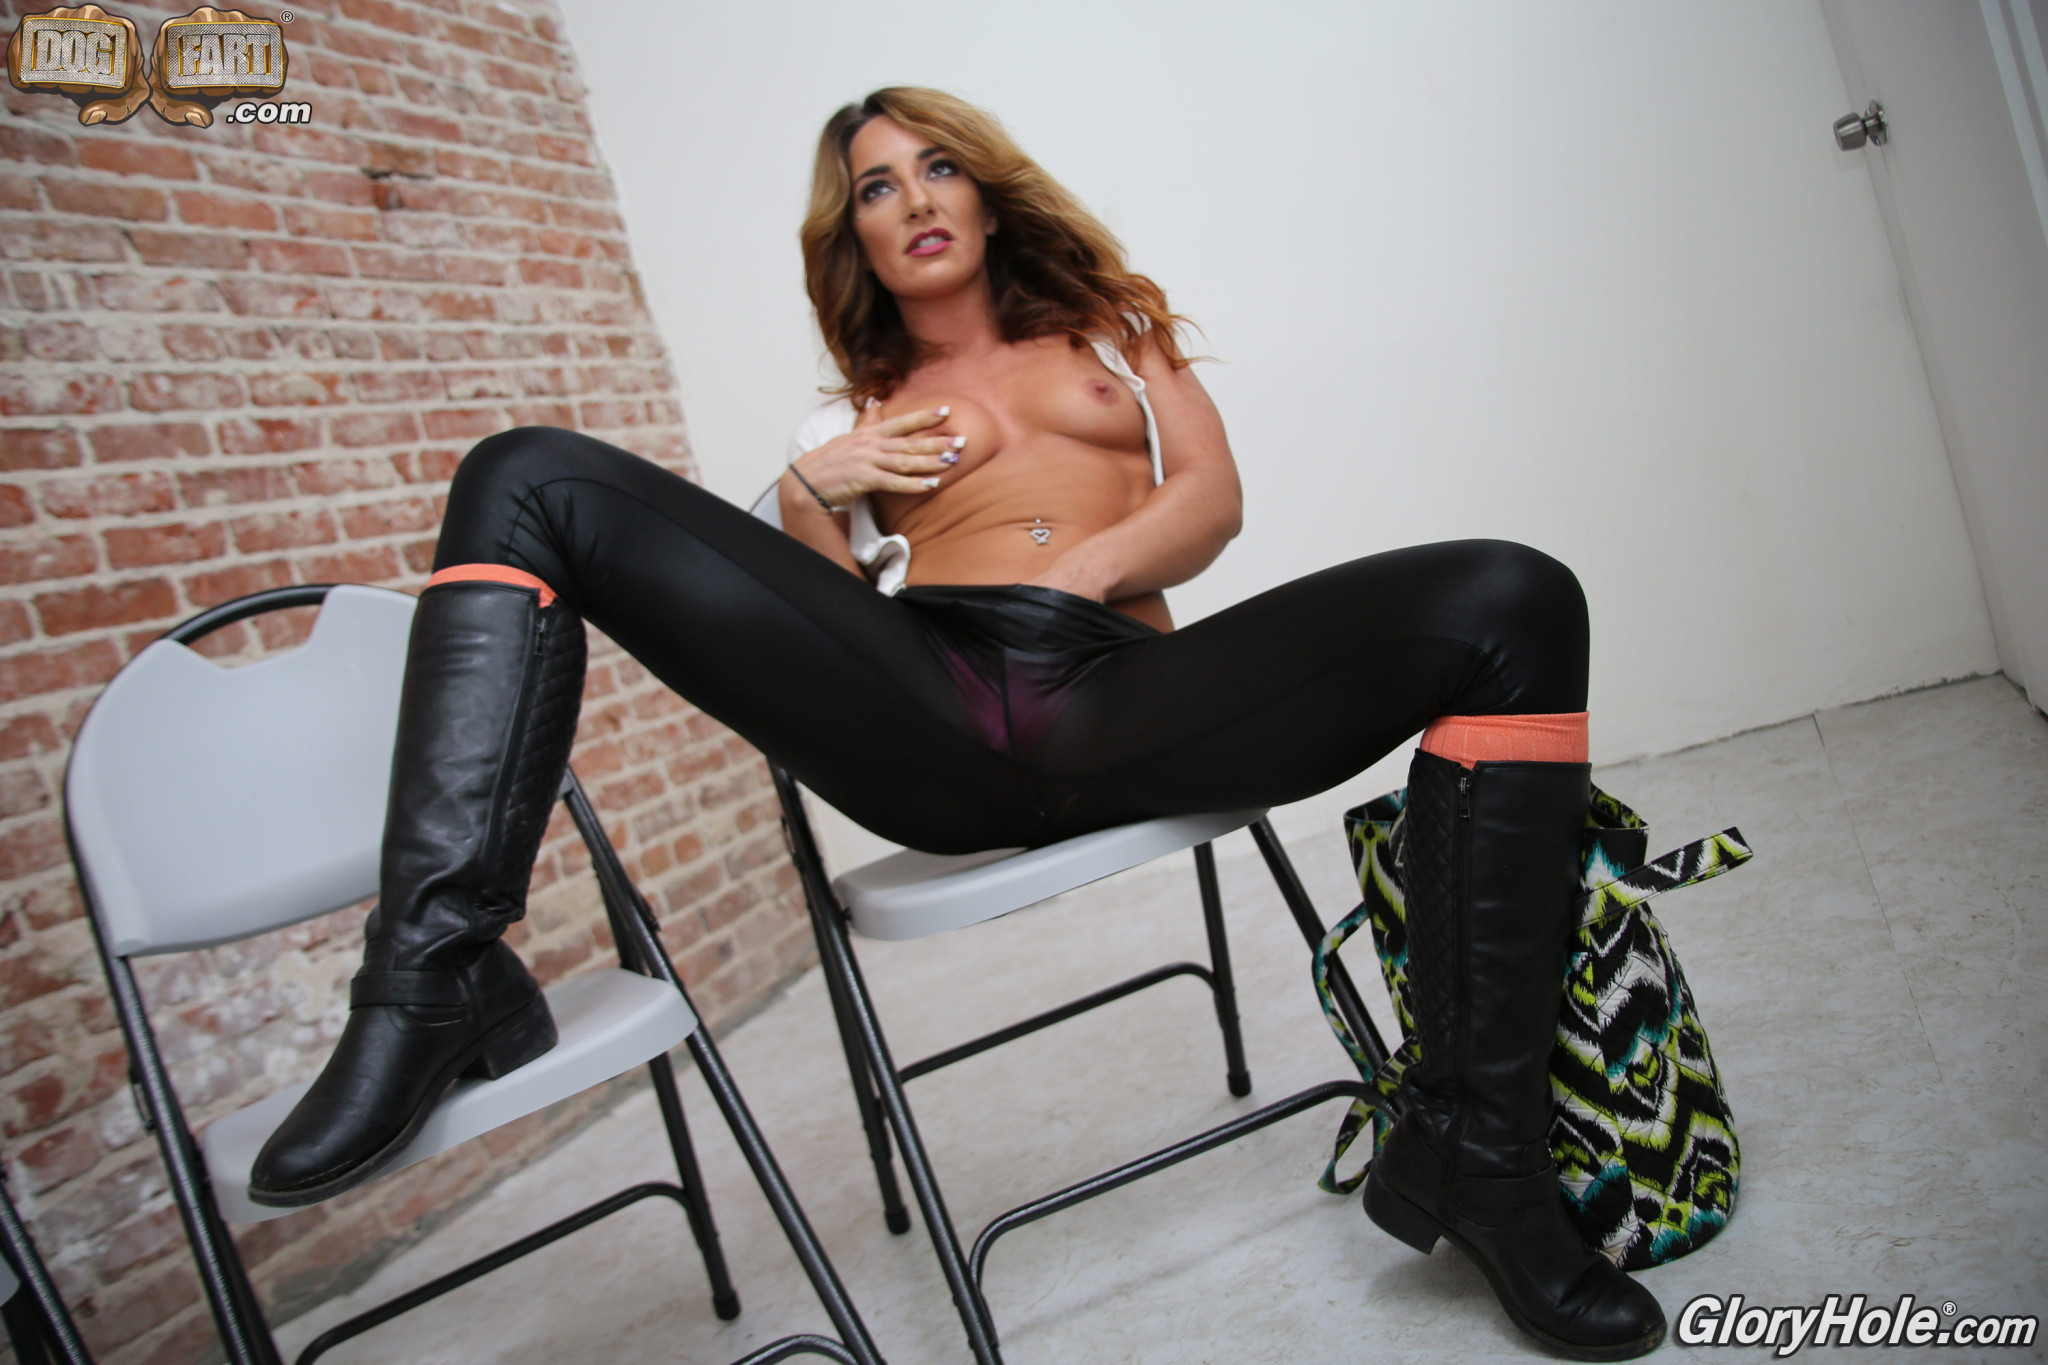 Шикарная красотка Савана Фокс в розовых бикини занимается мастурбацией